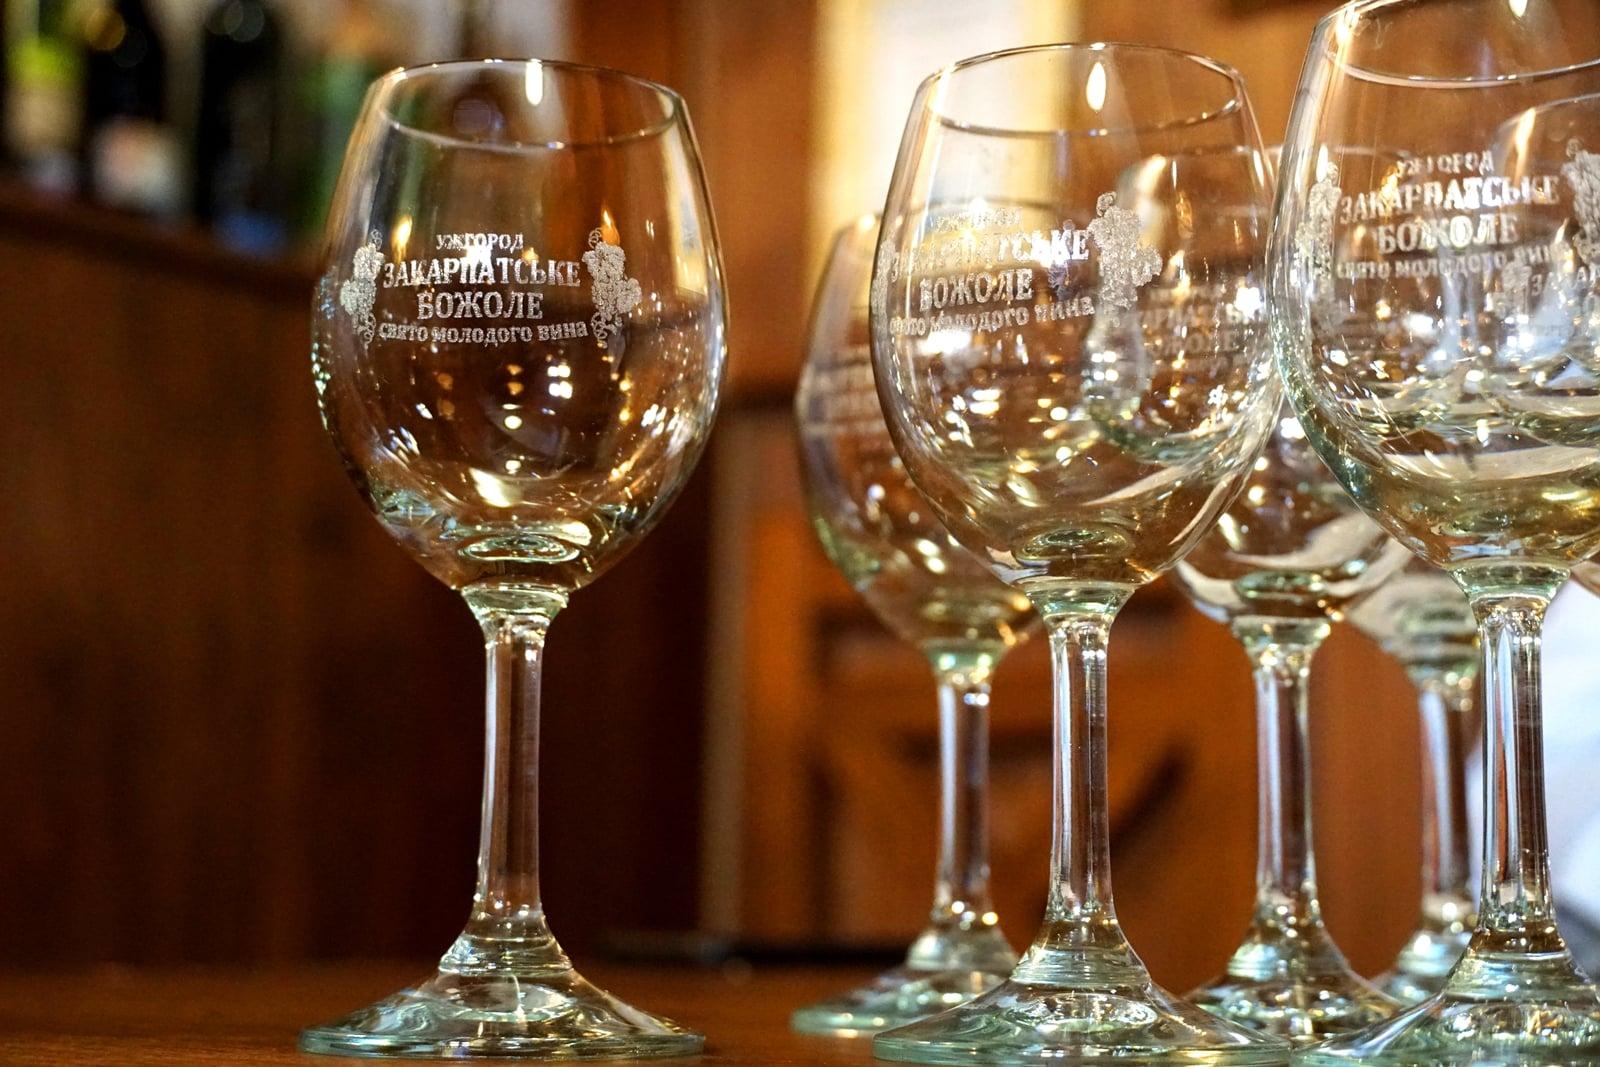 Ужгород запрошує на фестиваль вина Закарпатське божоле 2021, традиційно на свято молодого вина будуть представлені молоді вина кращих виноробів Закарпаття.